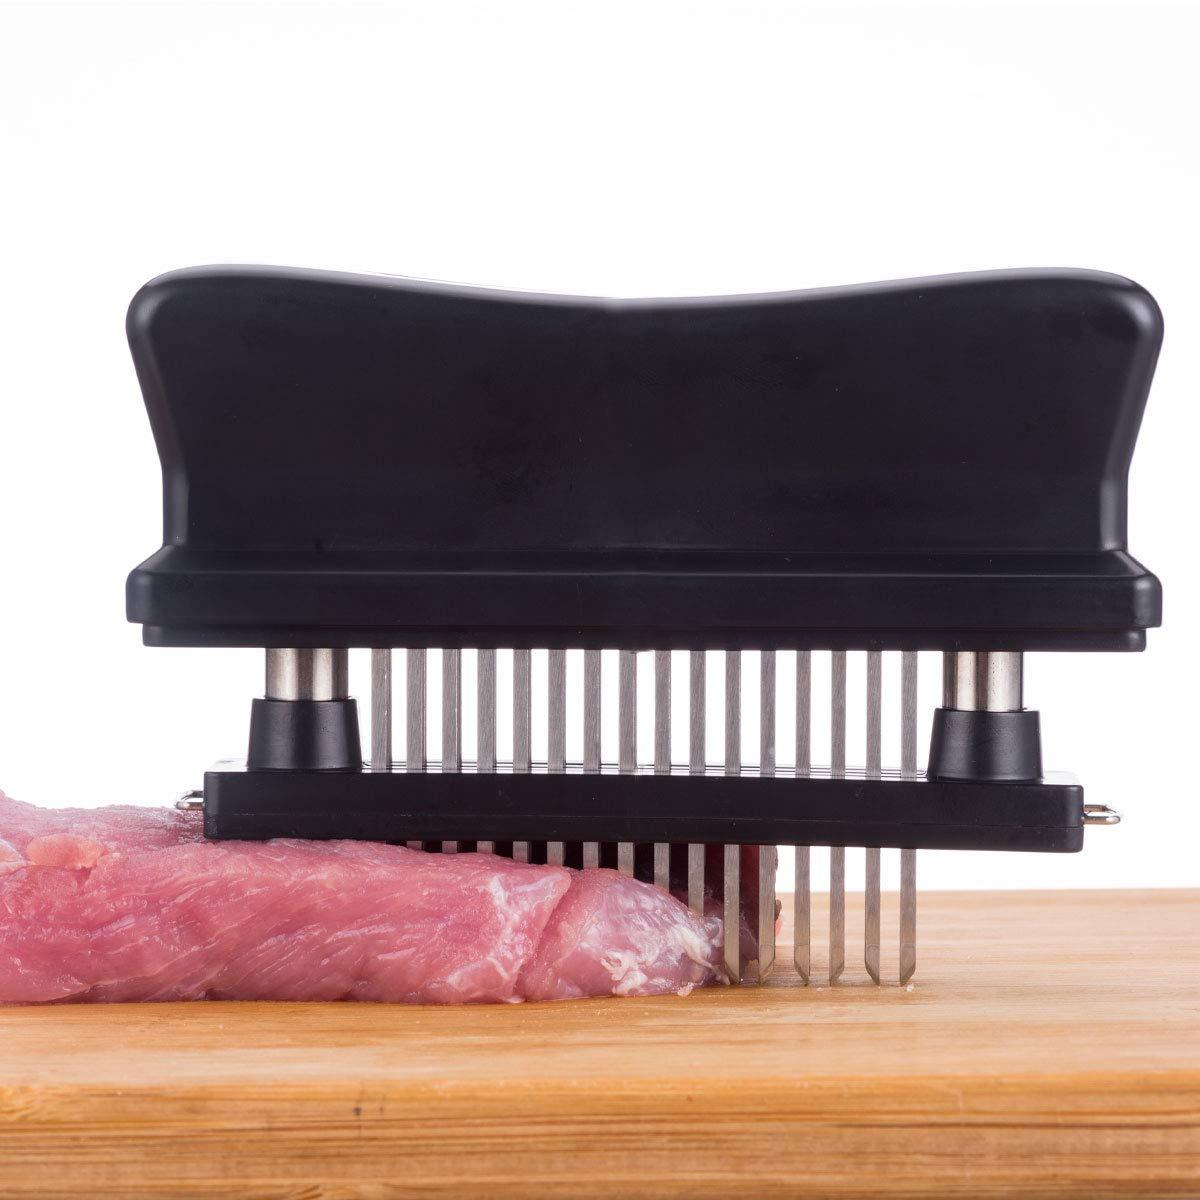 Flytt meat tenderizer